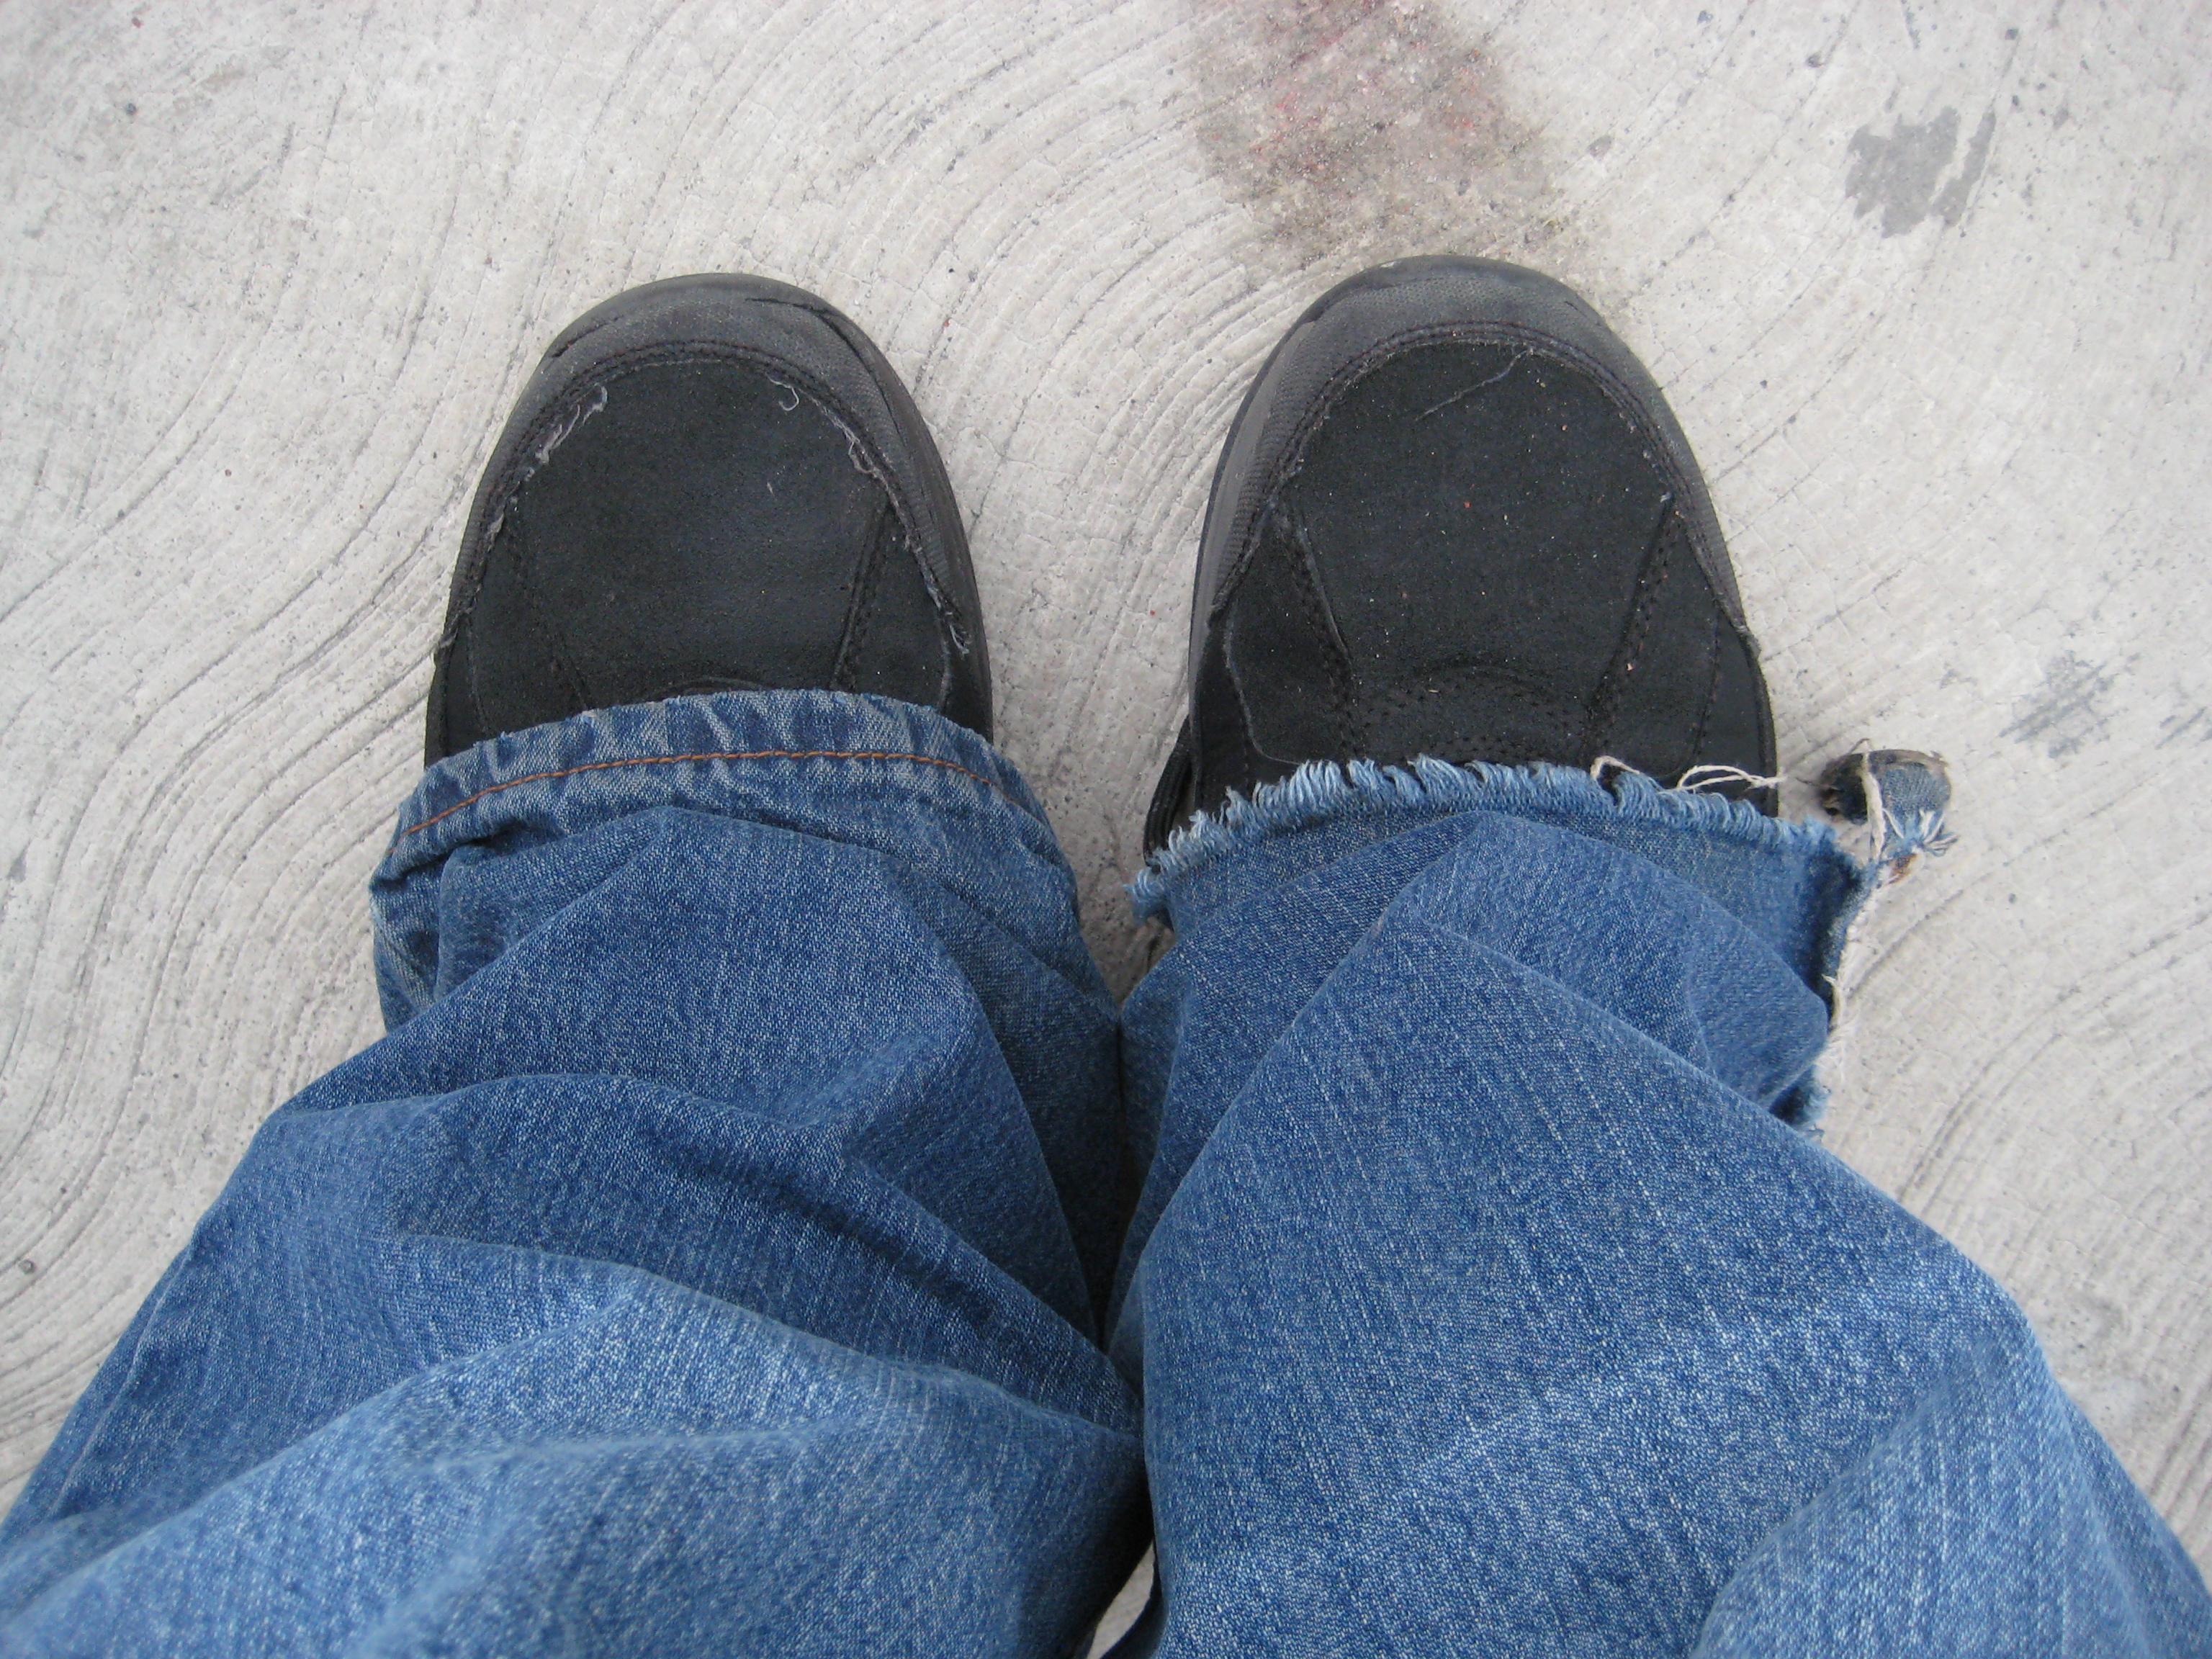 Tengo los pies congelados